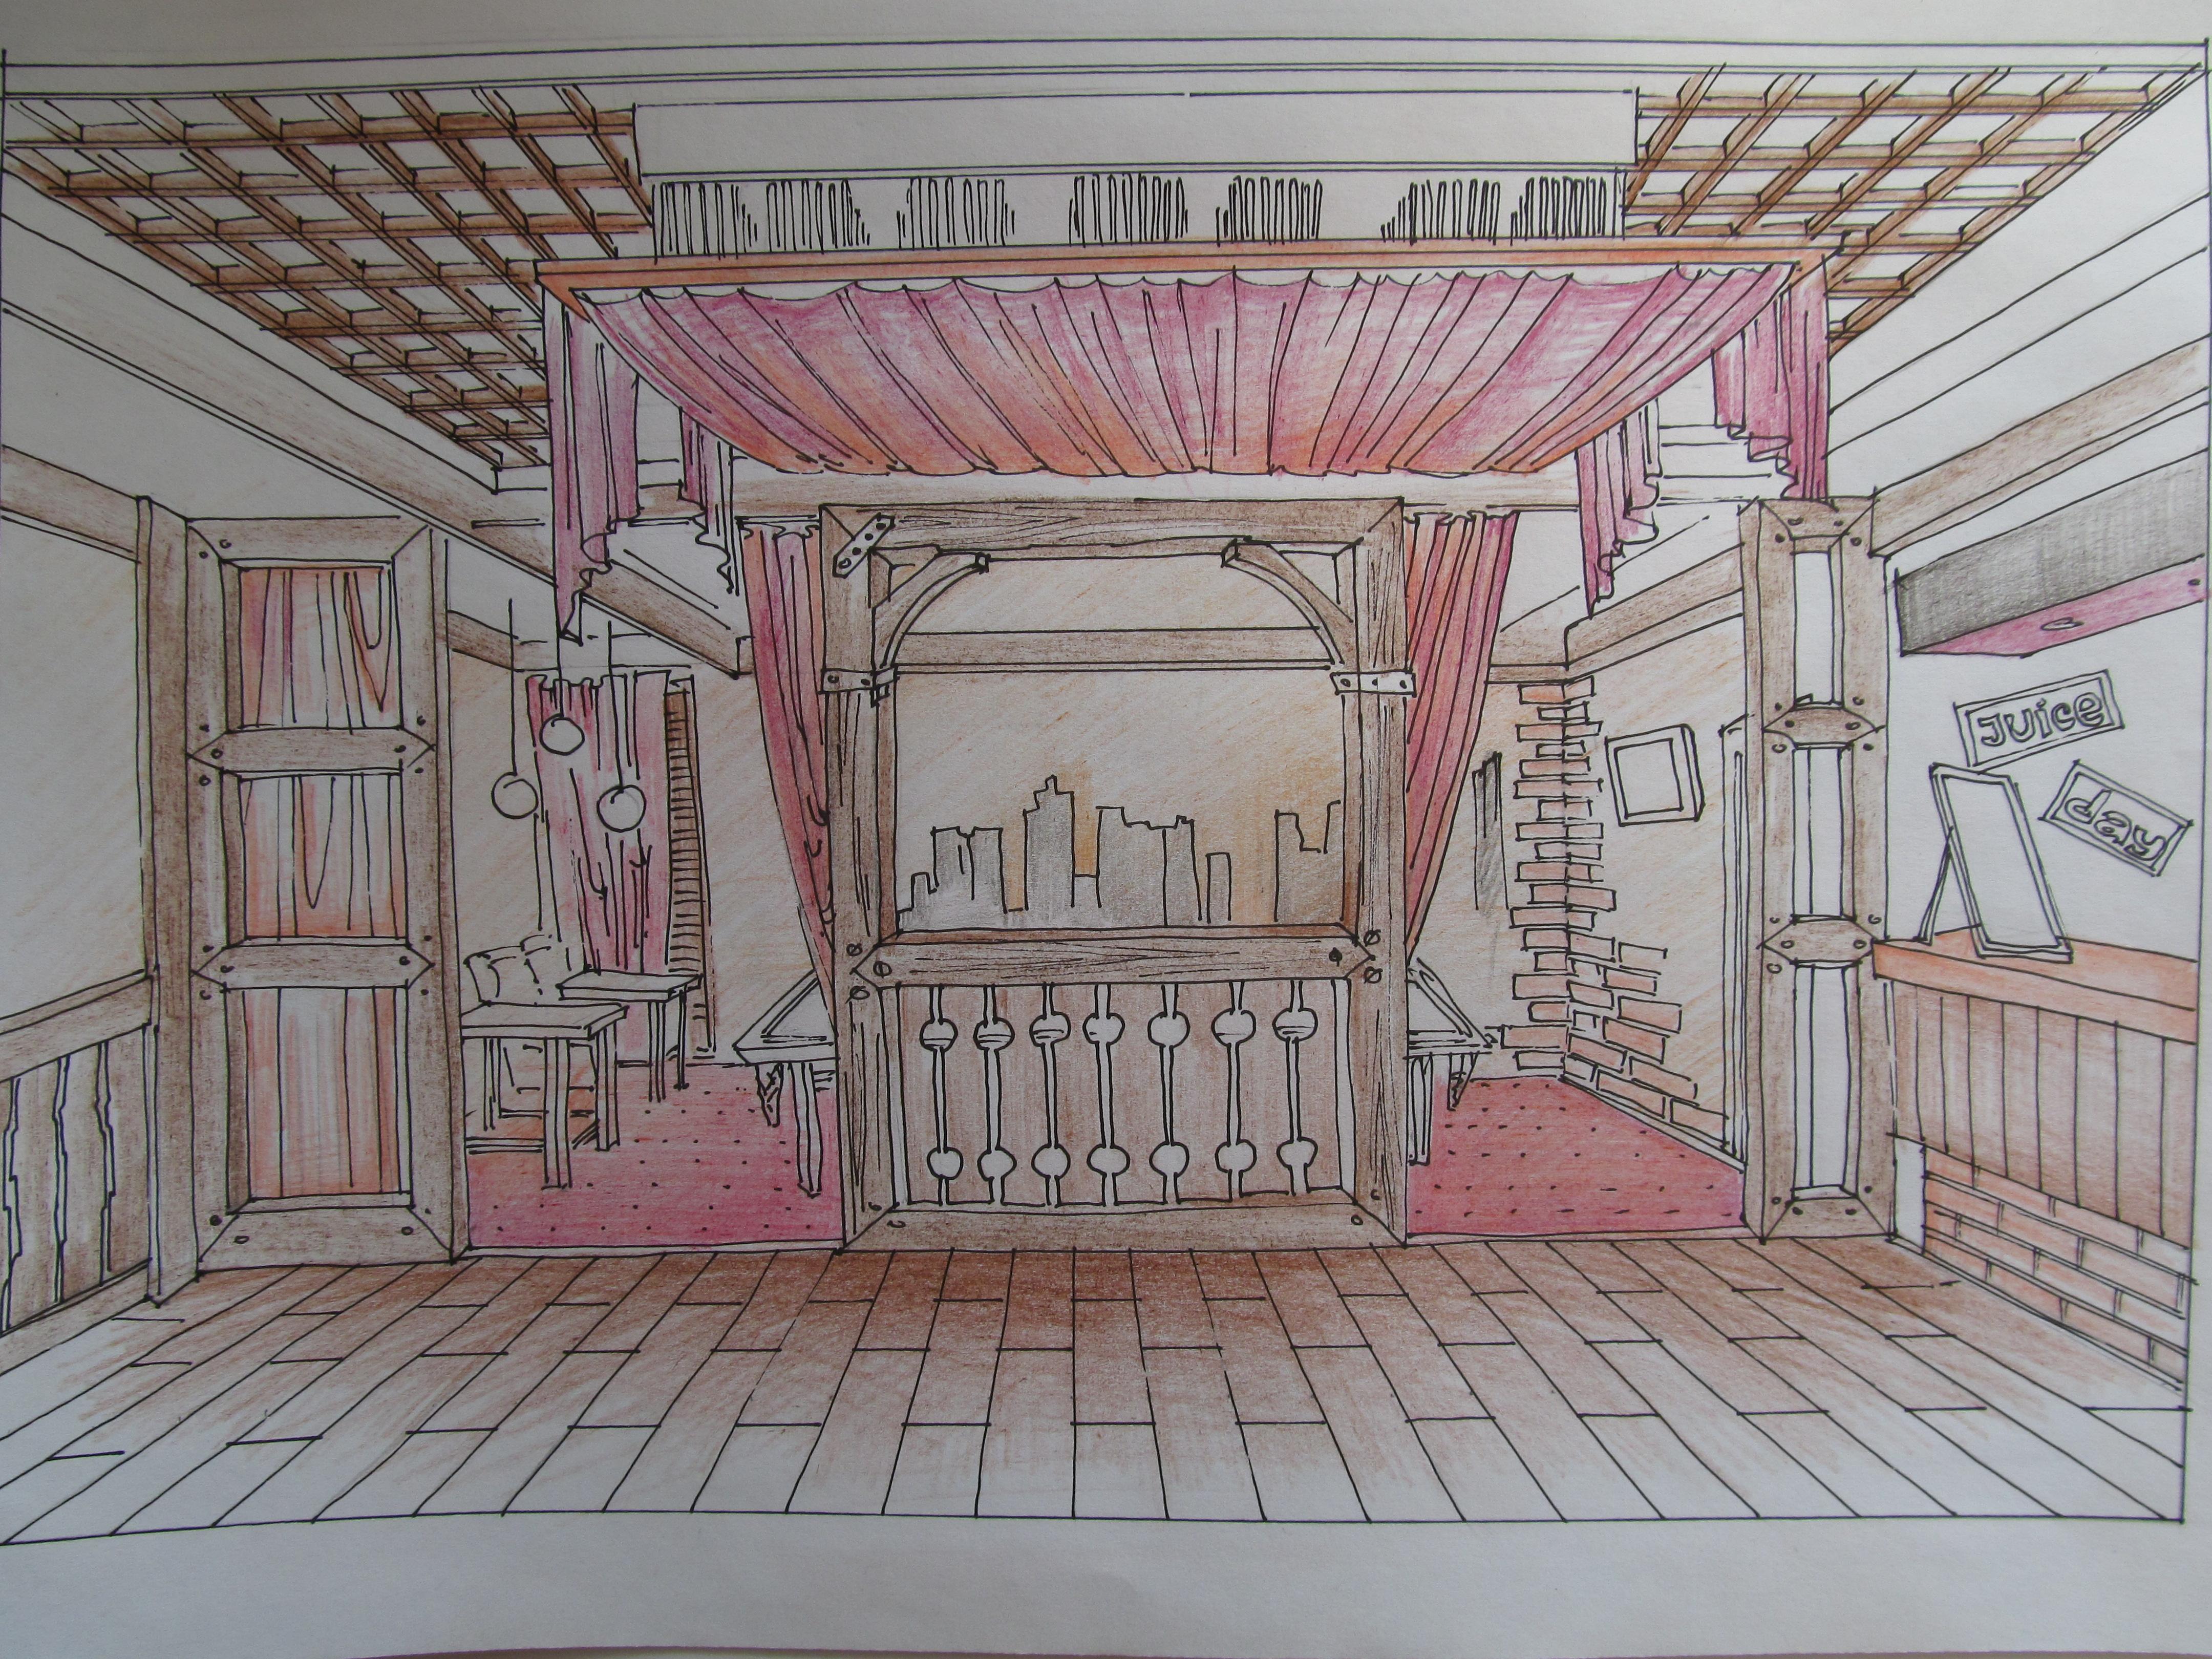 стилистическое решение, дизайн интерьера кафе, эскиз, Владивосток